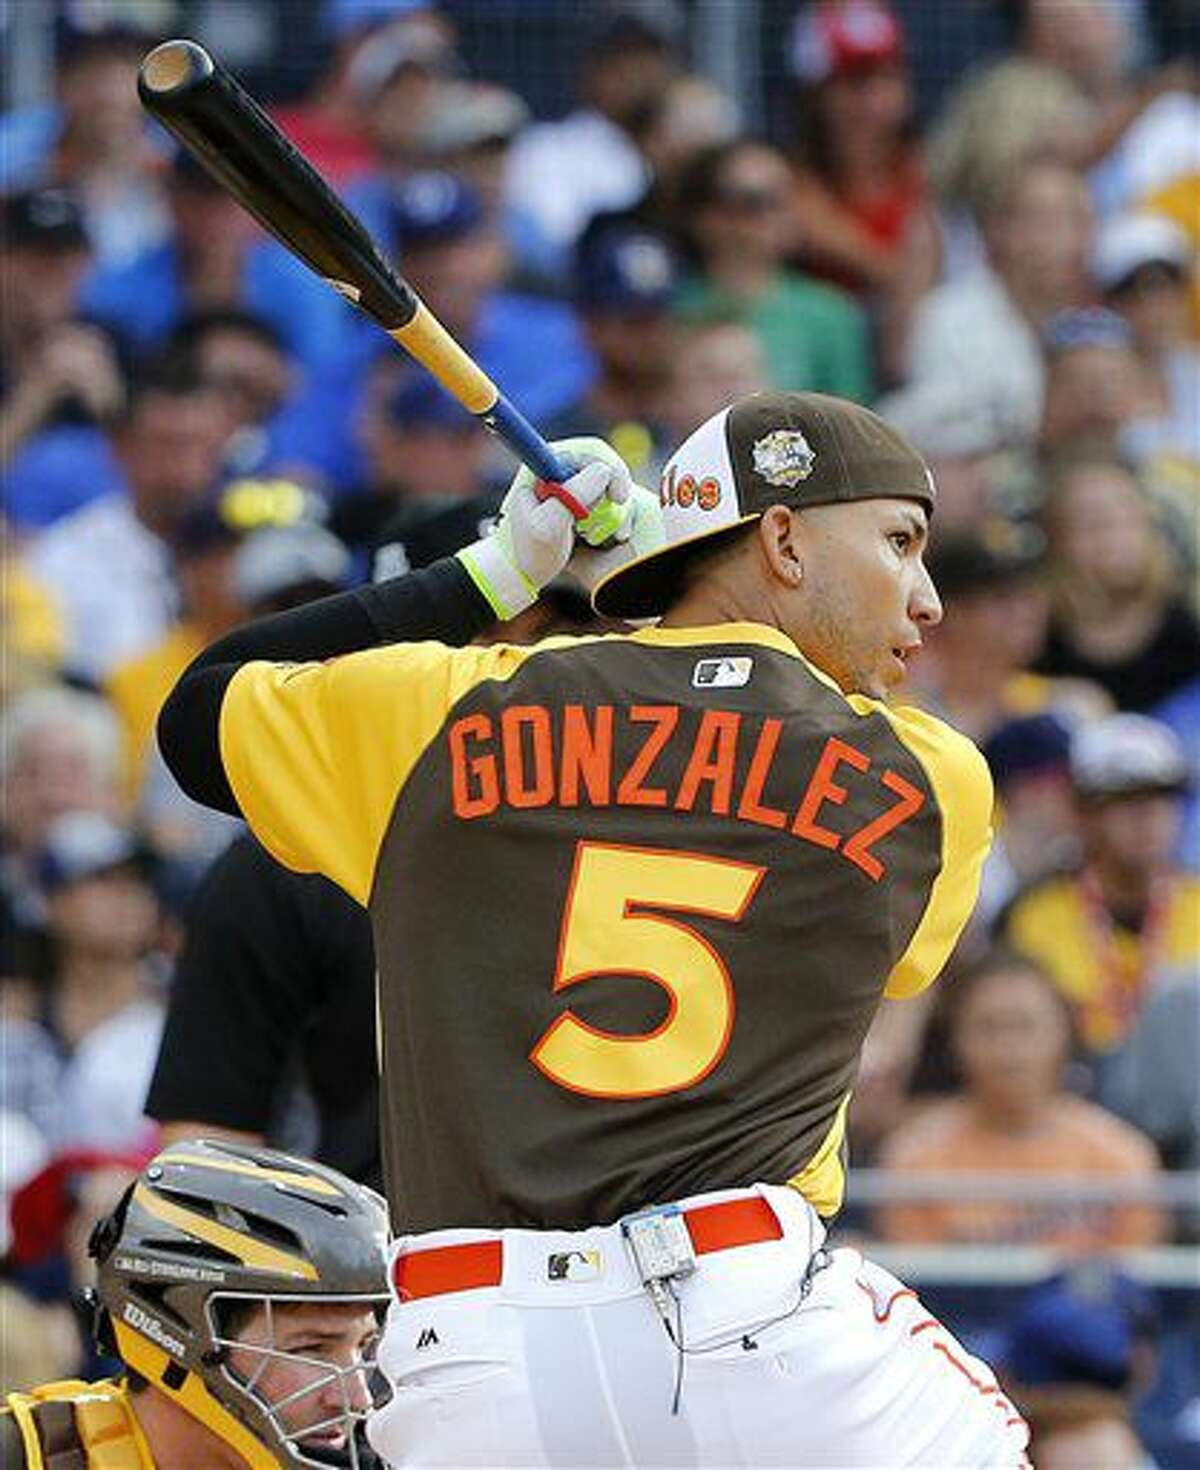 El venezolano Carlos González, de los Rockies de Colorado, batea durante el Derby de Jonrones previo al Juego de Estrellas, el lunes 11 de julio de 2016 (AP Foto/Lenny Ignelzi)